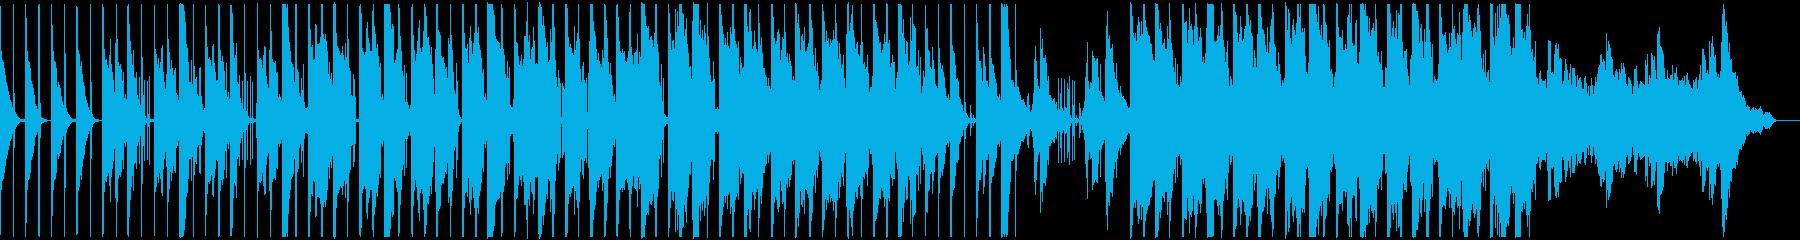 アンニュイでトリッピーなヒップホップの再生済みの波形